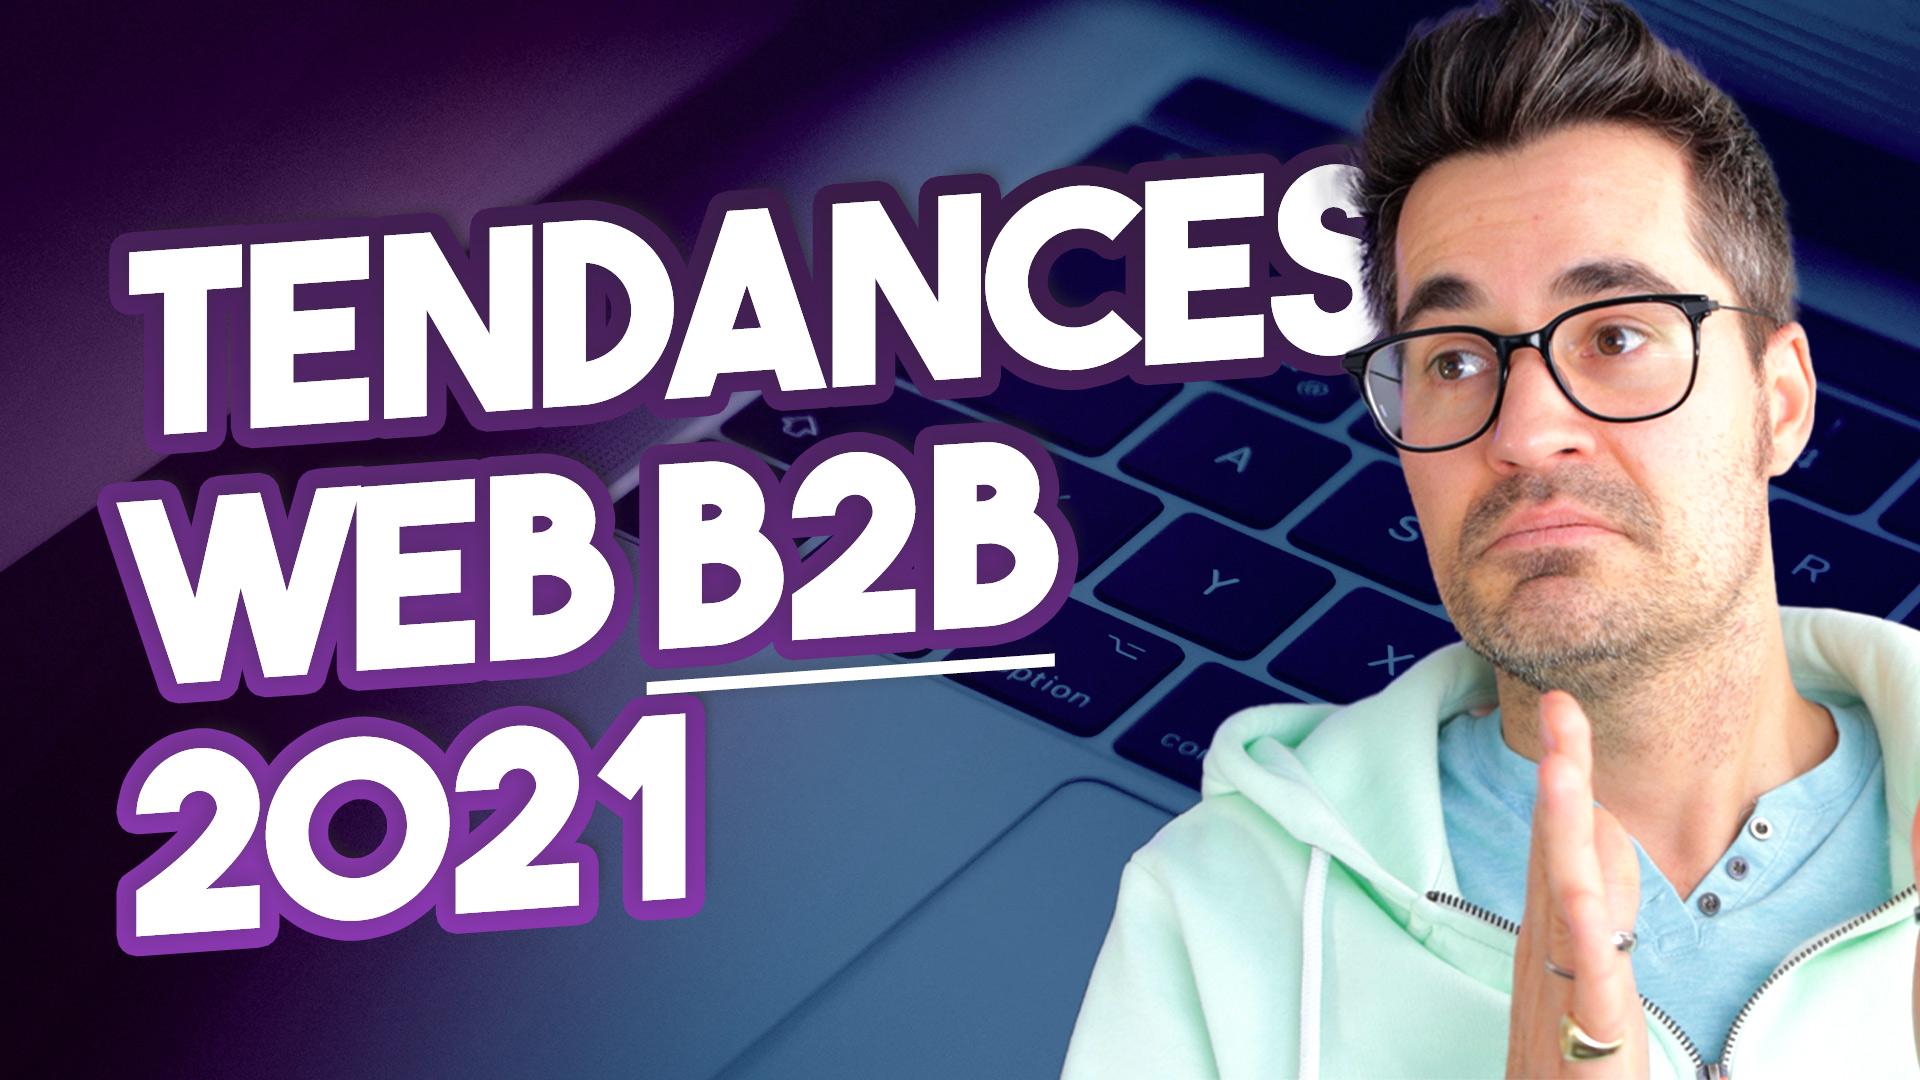 Les tendances web B2B de 2021, pour un marketing BtoB efficace